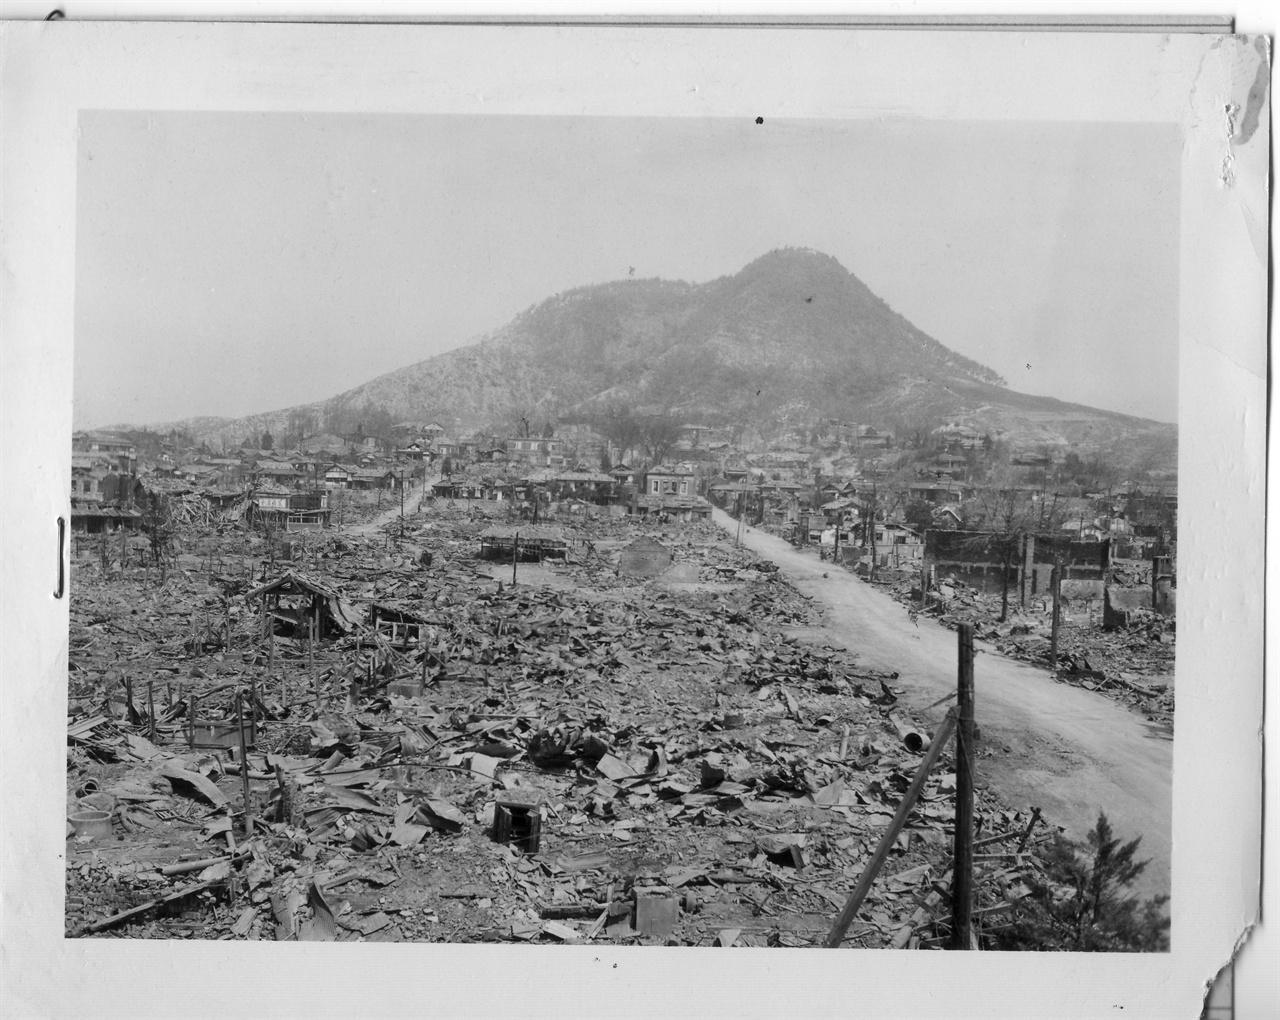 1951. 4. 1. 전란으로 도시 전체가 폐허가 된 춘천.